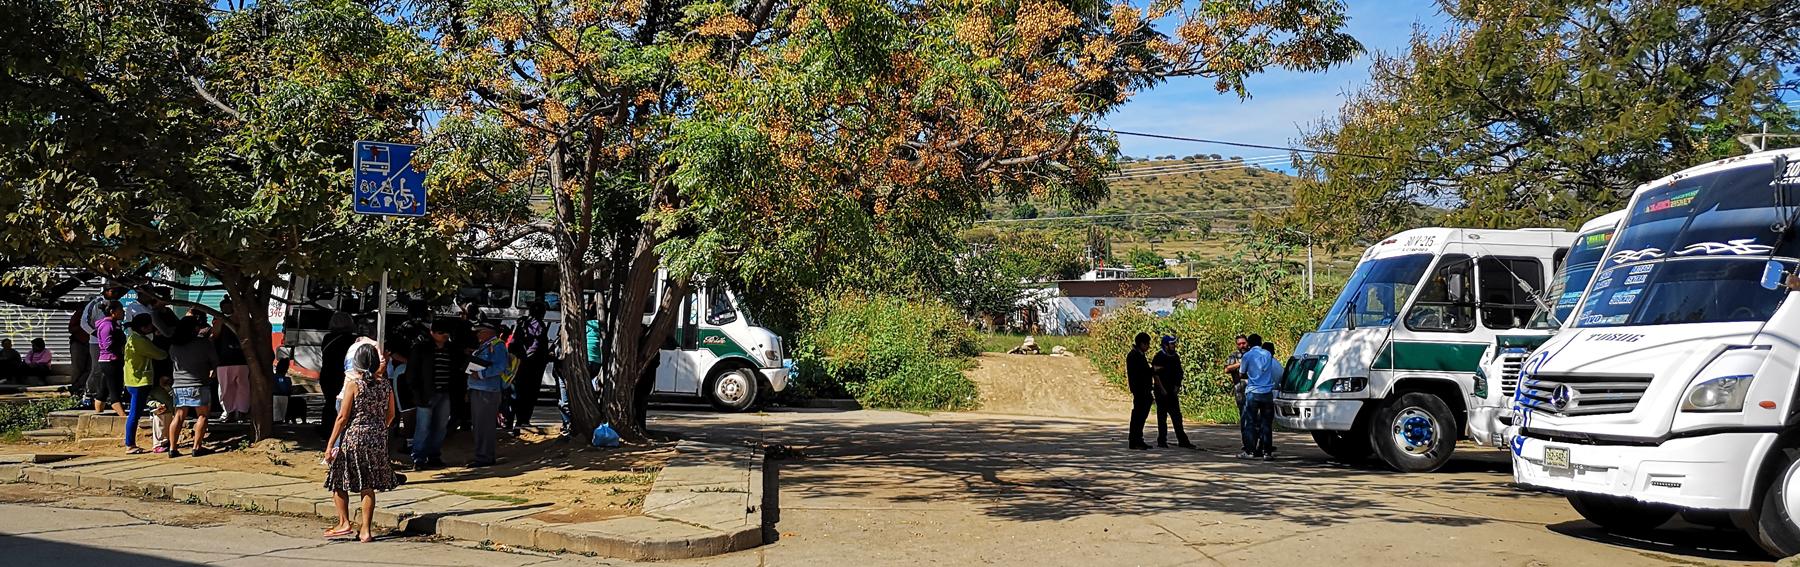 Siguen irregularidades en el transporte urbano de Oaxaca | El Imparcial de Oaxaca